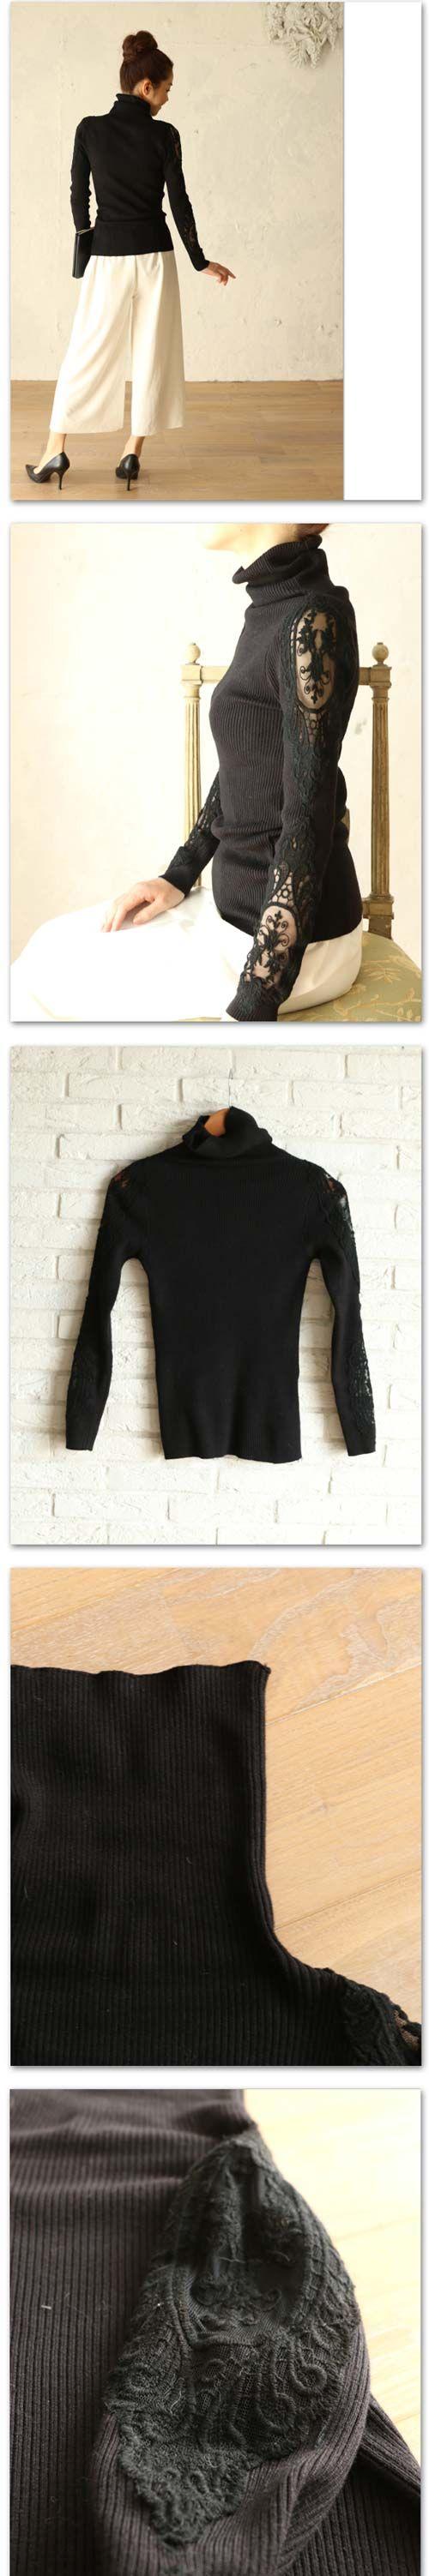 。【再入荷♪1月14日12時&22時より】(ブラック)「french」肩と袖の透けレース。タートルネックカットソートップス上品 / 黒 / レディース / ニット / 刺繍 / リブ